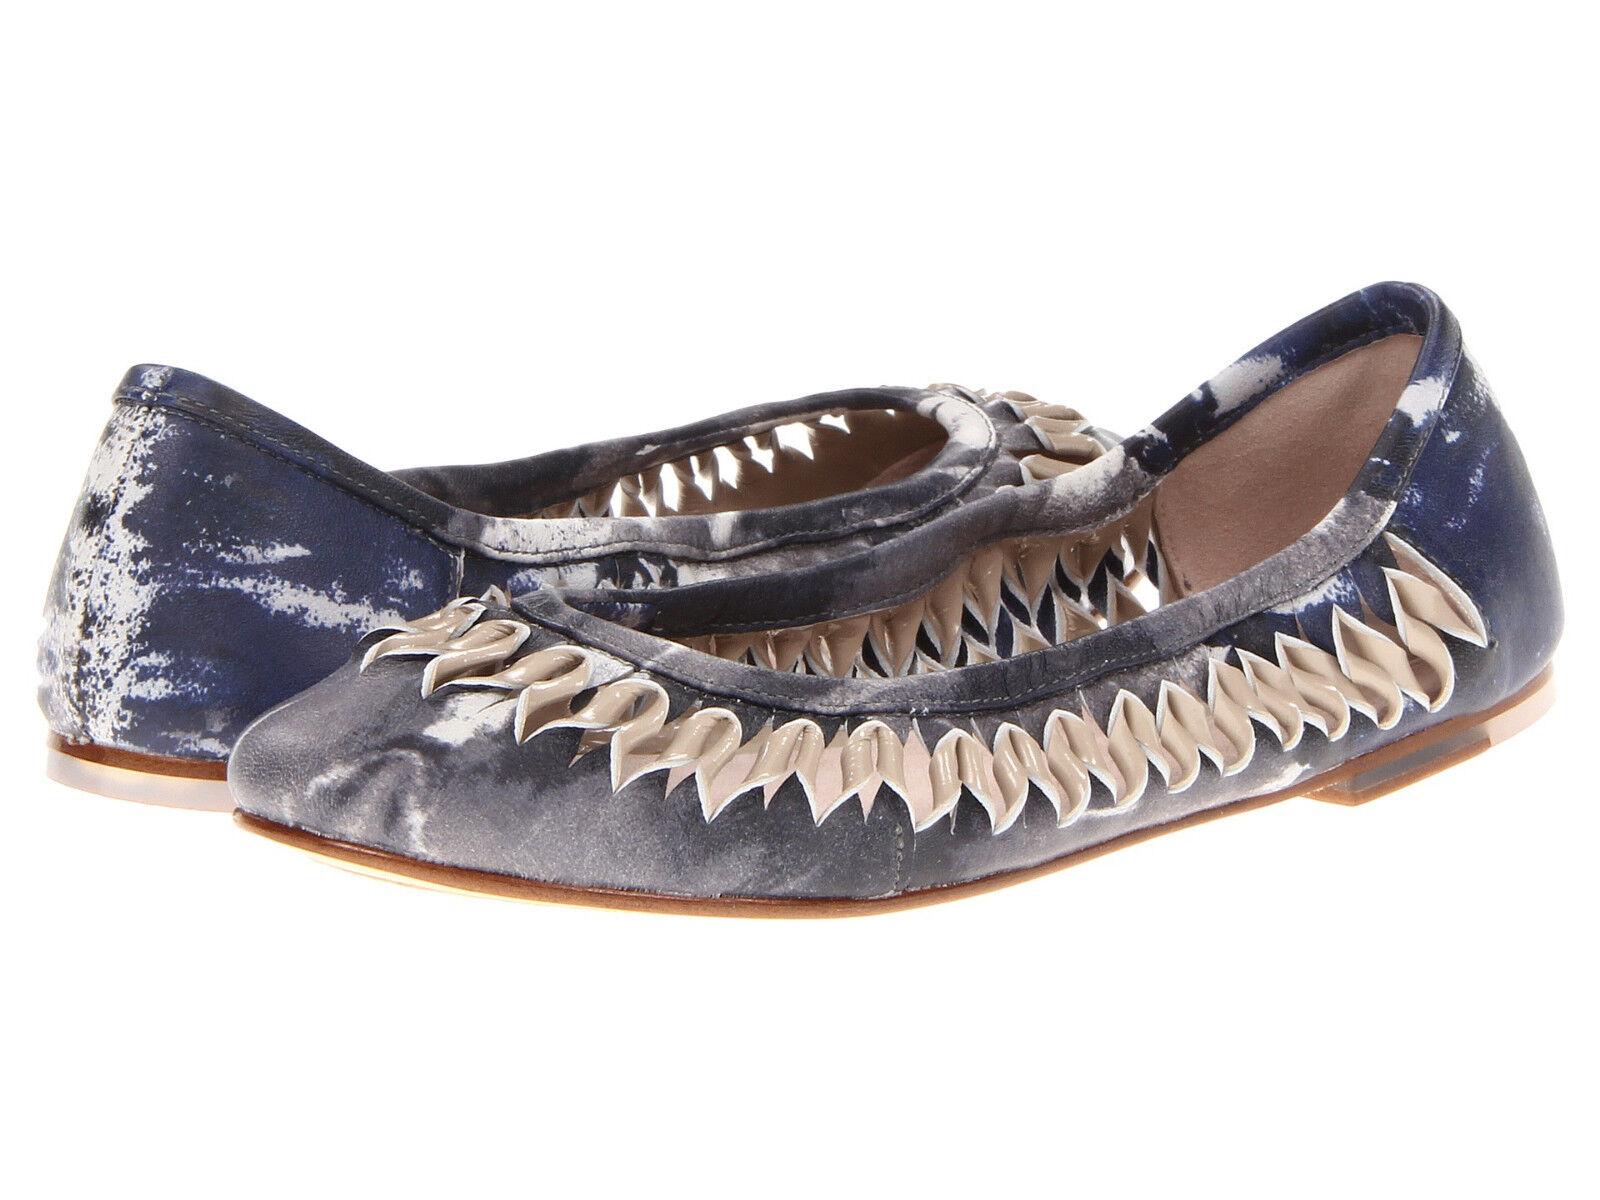 Bloch Bloch Bloch Alizee Ballet Zapatos sin Taco Sin clásicos mujer nos Nue 9 (39 EU 6 UK 25 Cm) BL1012  205  Entrega directa y rápida de fábrica